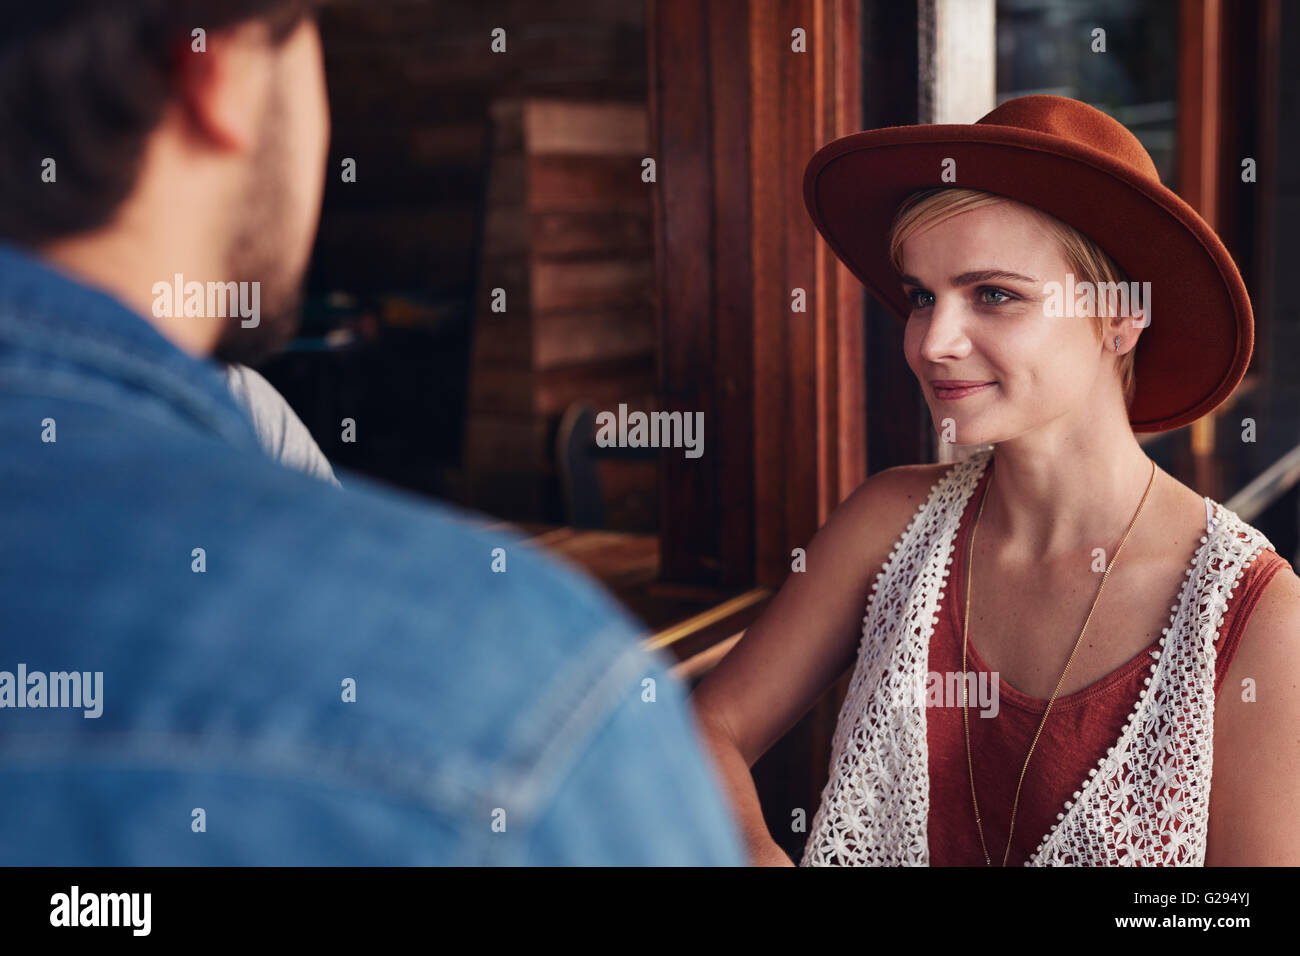 Retrato de la hermosa joven sentado en un café con su amiga. Imagen De Stock